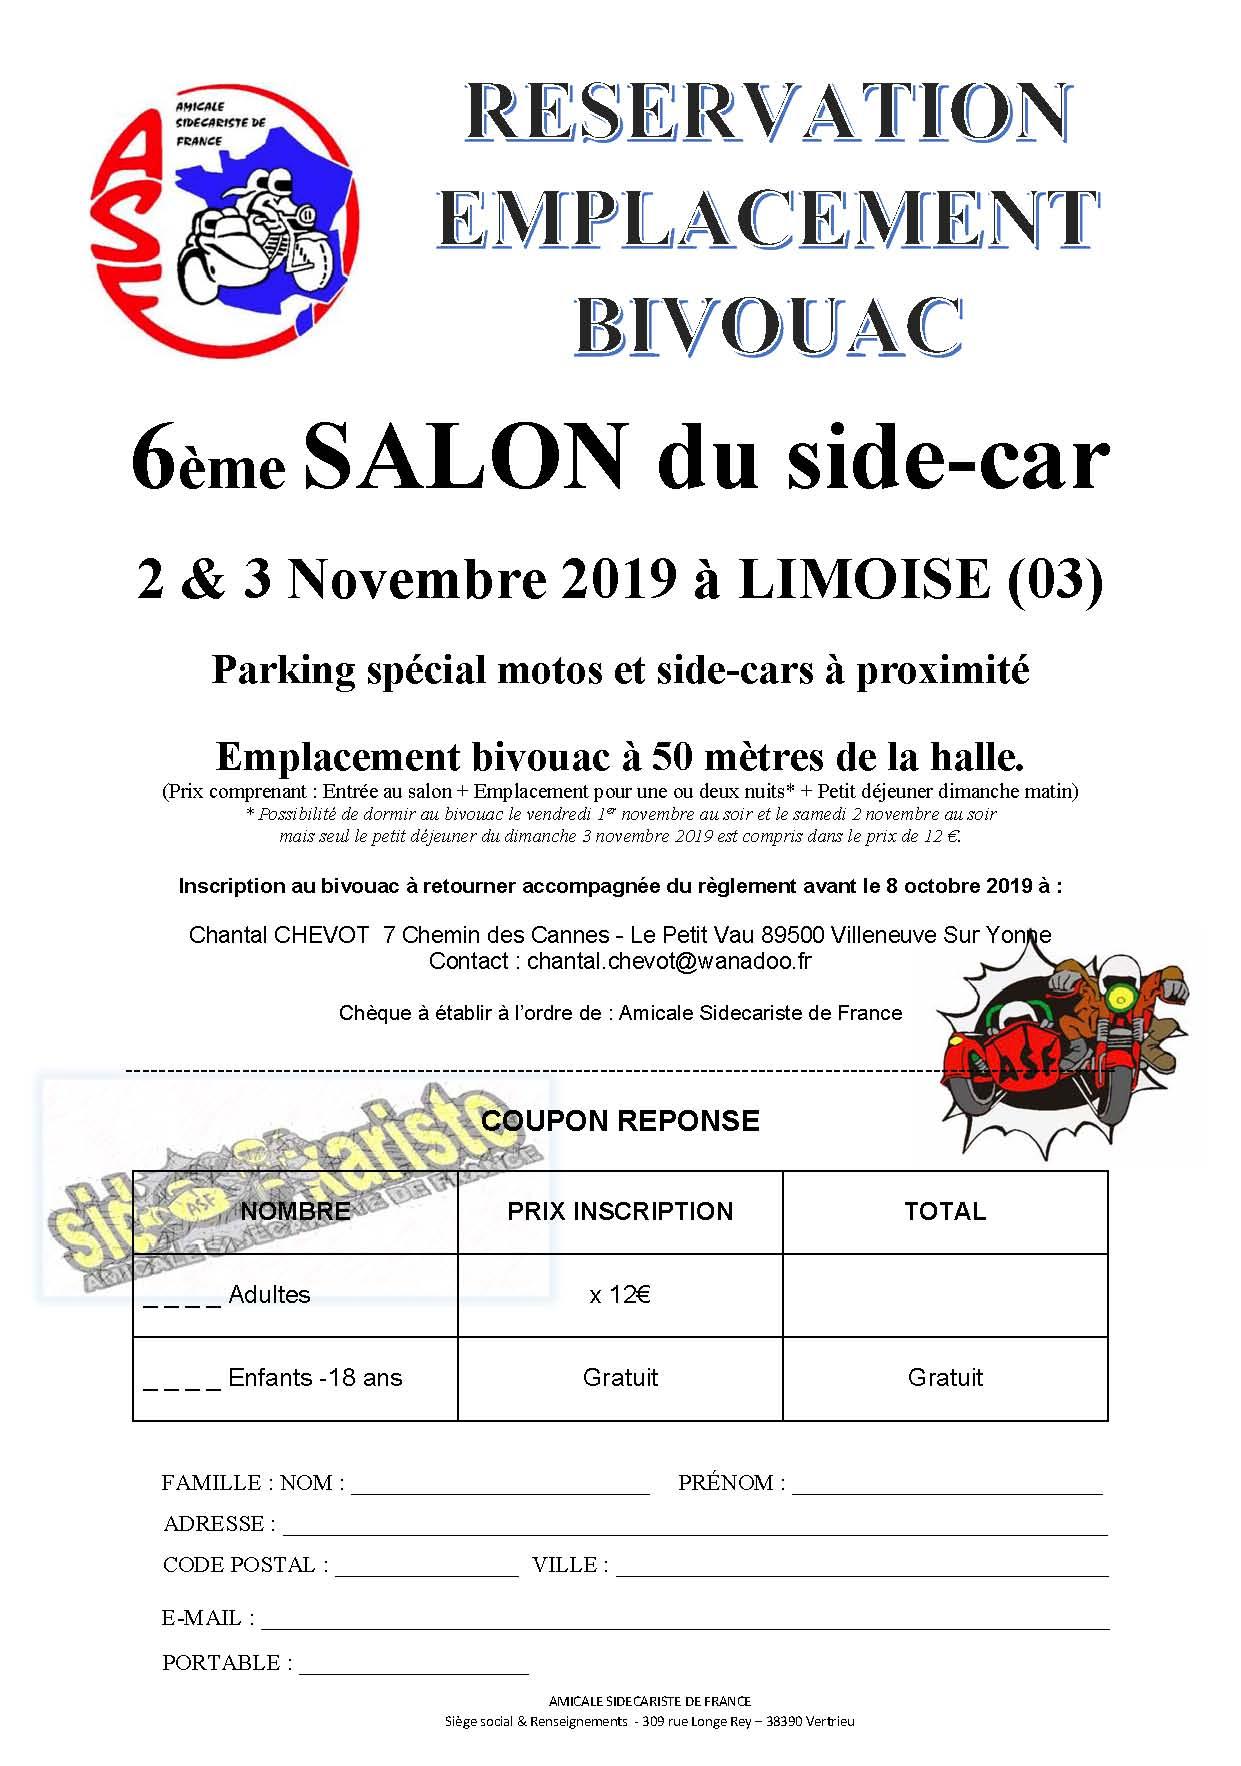 Salon 2019 reservation emplacement bivouac